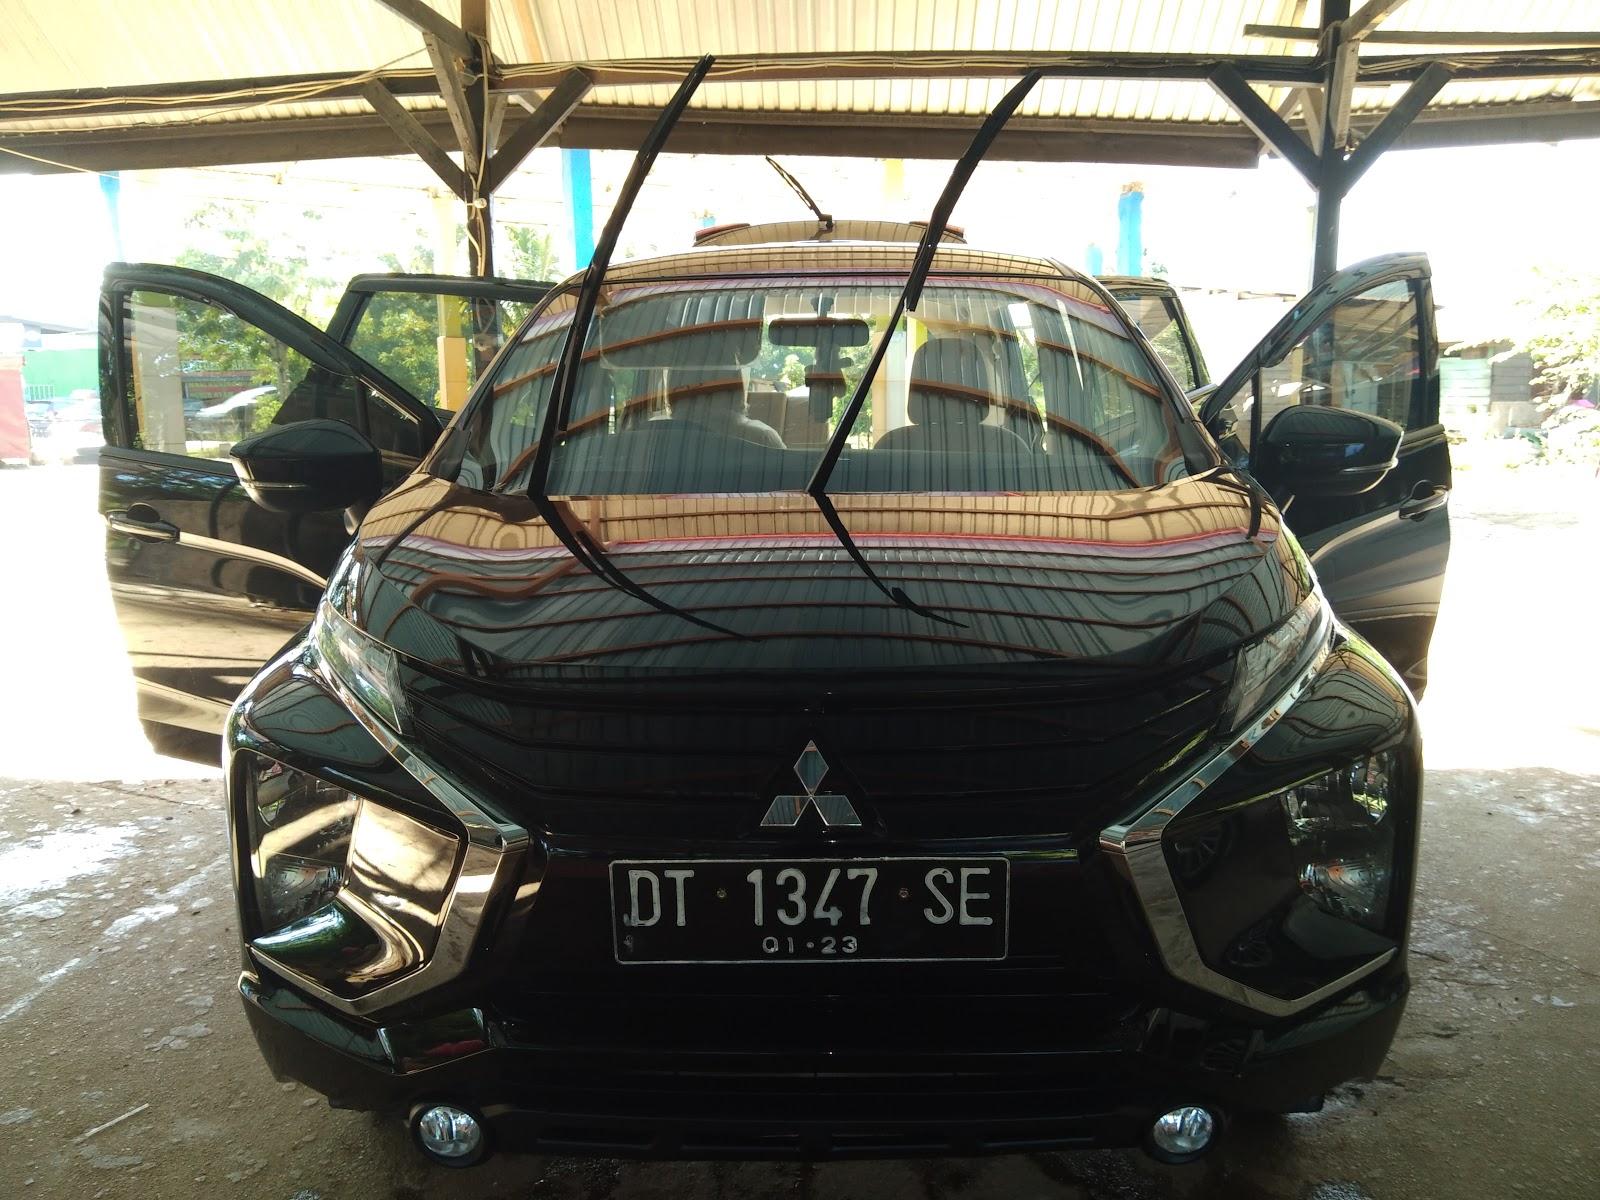 Rental Mobil Di Kendari Rental Mobil Kendari Murah 081341670454